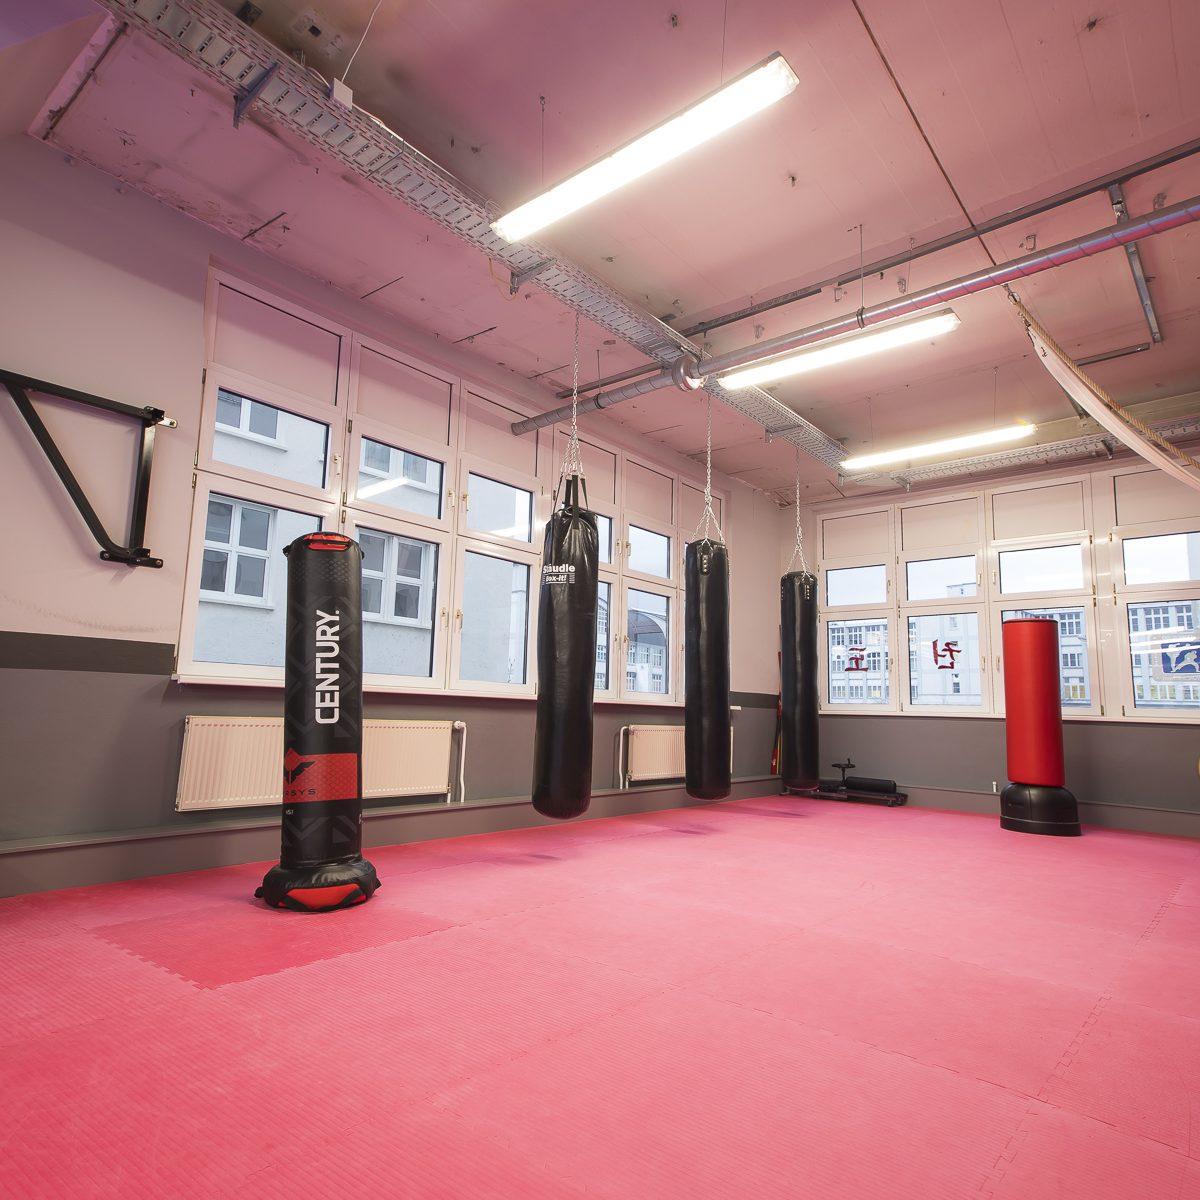 Funktionsbereich der Kampfkunstschule Jena mit verschiedenen Boxsäcken